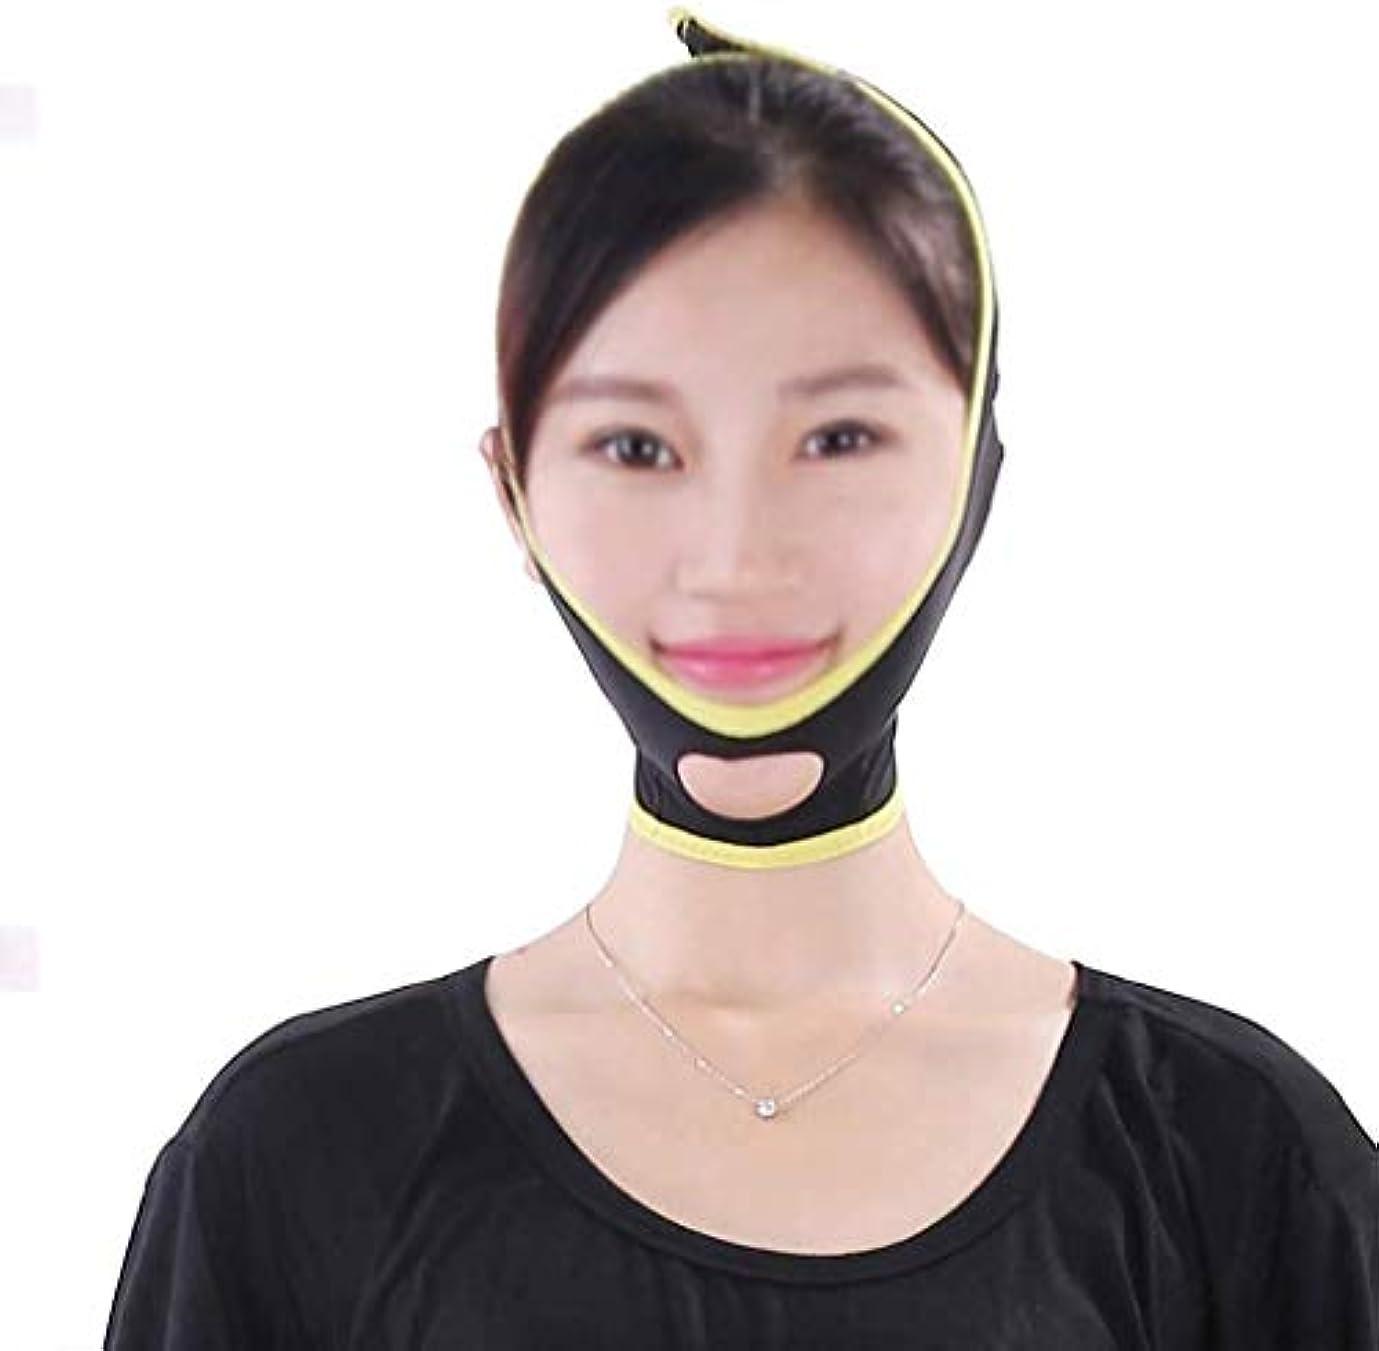 服放射能よりVフェイスマスク、フェイシャルマスク、男性と女性の顔リフティングアーティファクト包帯美容リフティング引き締めサイズV顔ダブルチン睡眠マスク埋め込みシルク彫刻スリミングベルト(サイズ:L)